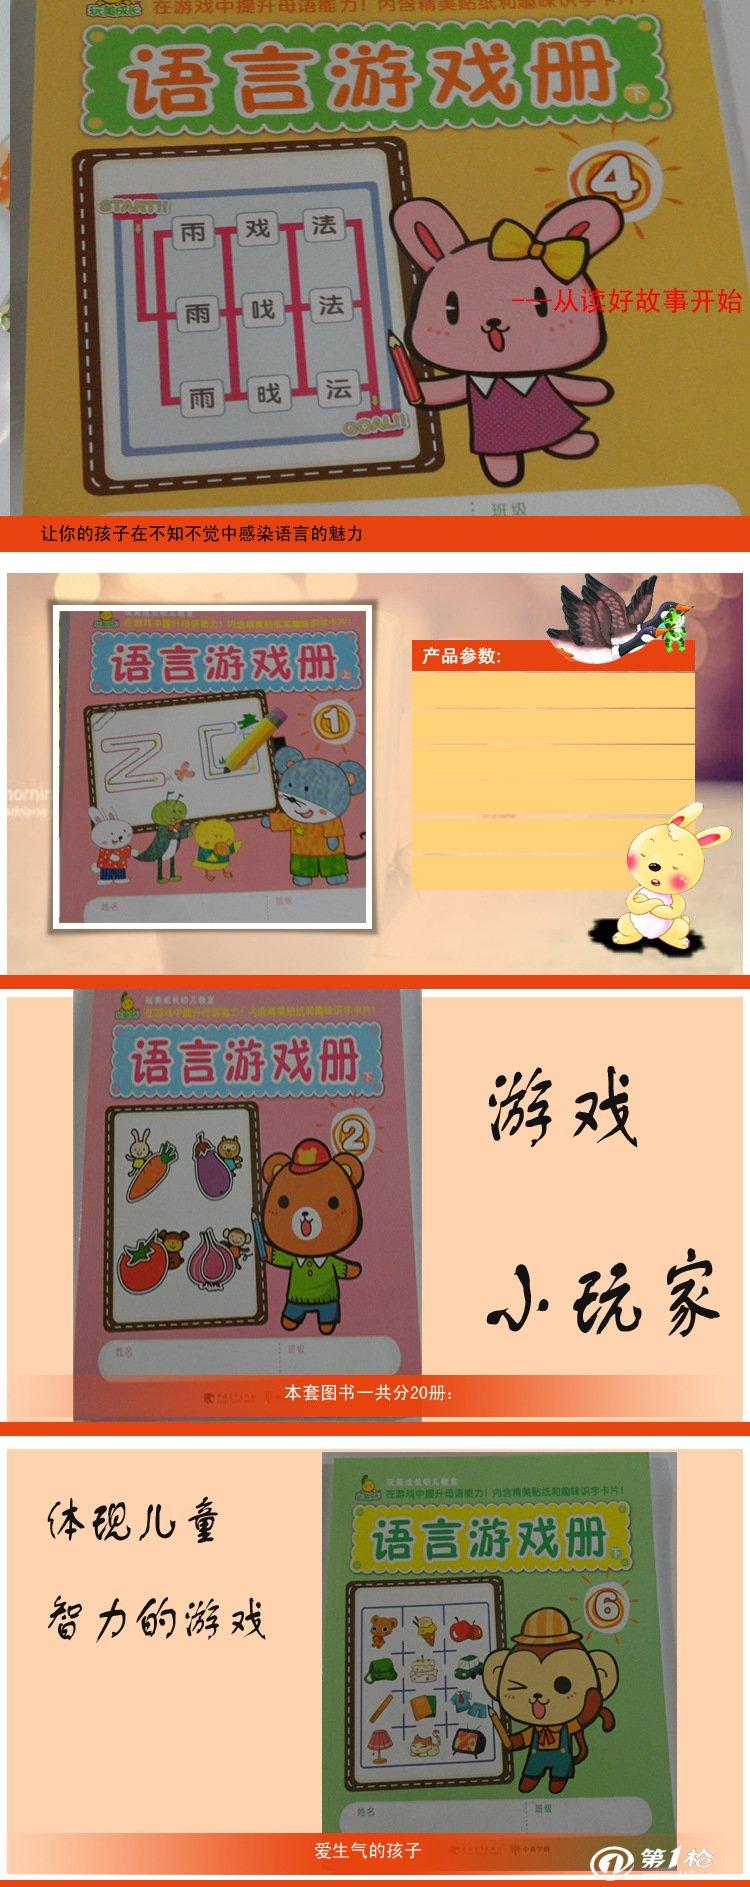 玩美成长 幼儿识字游戏书